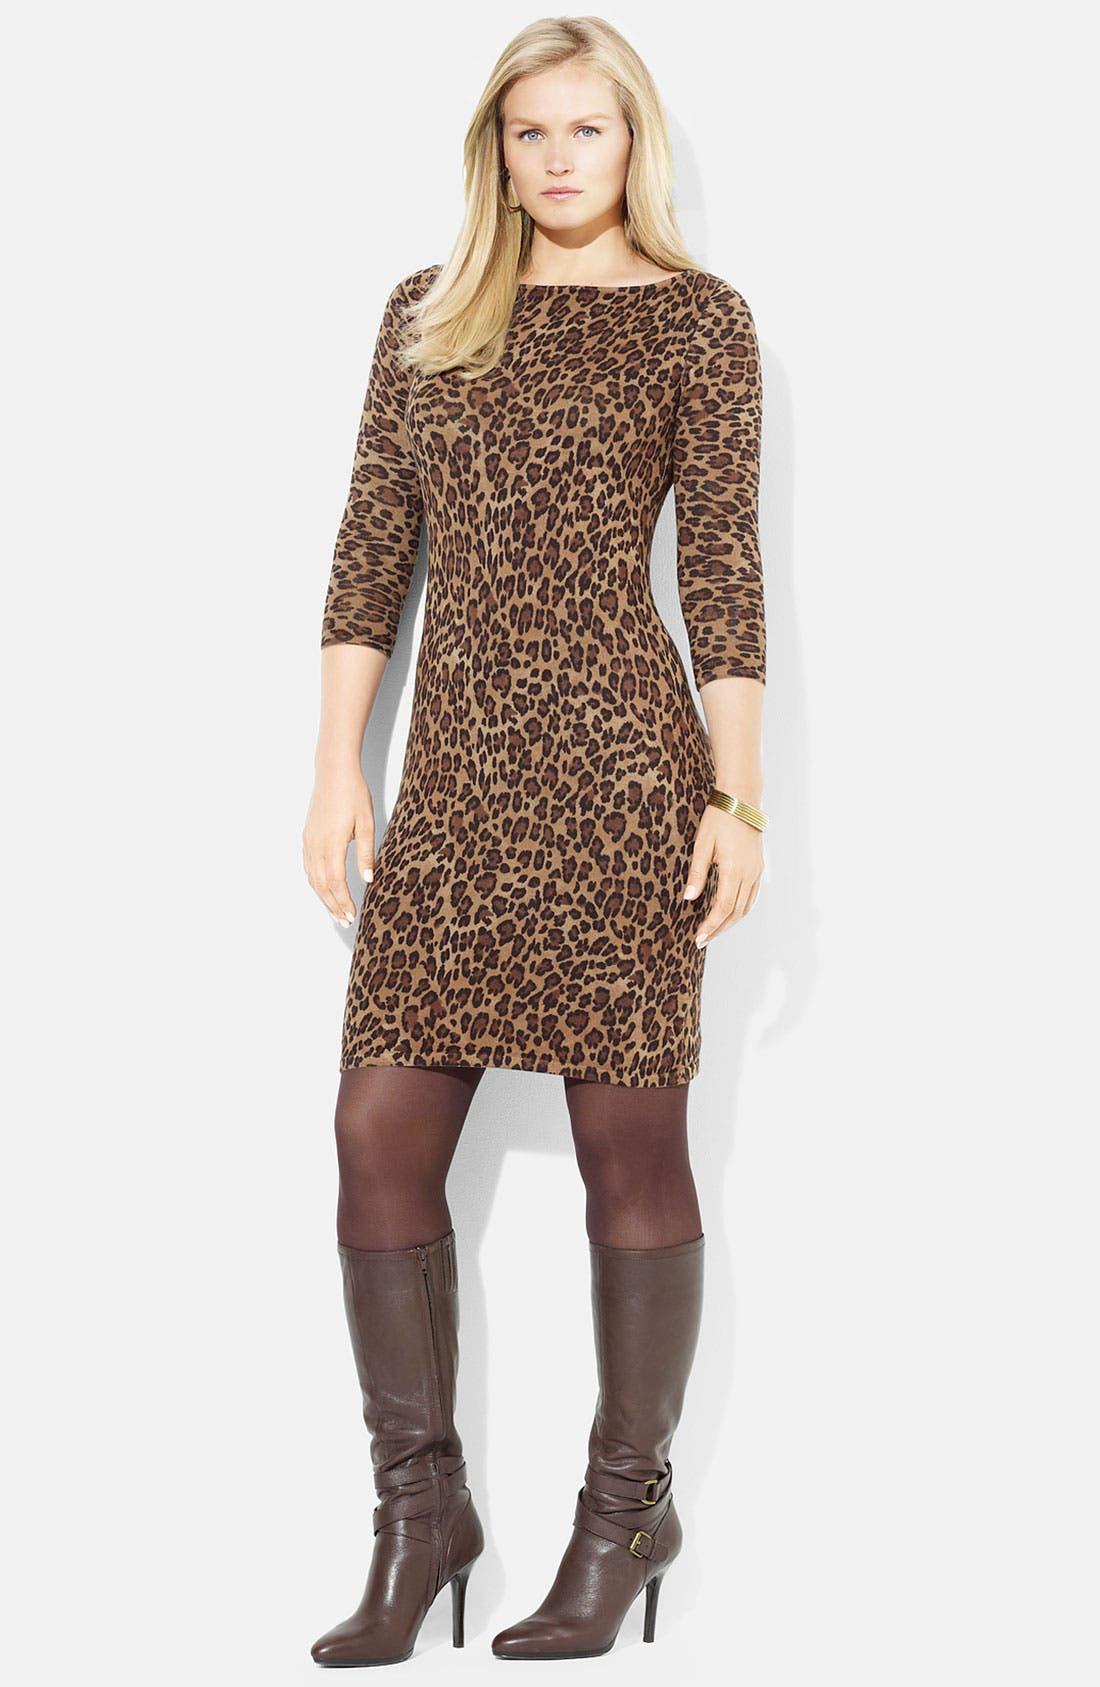 Alternate Image 1 Selected - Lauren Ralph Lauren 'Vine' Sweater Dress (Plus)